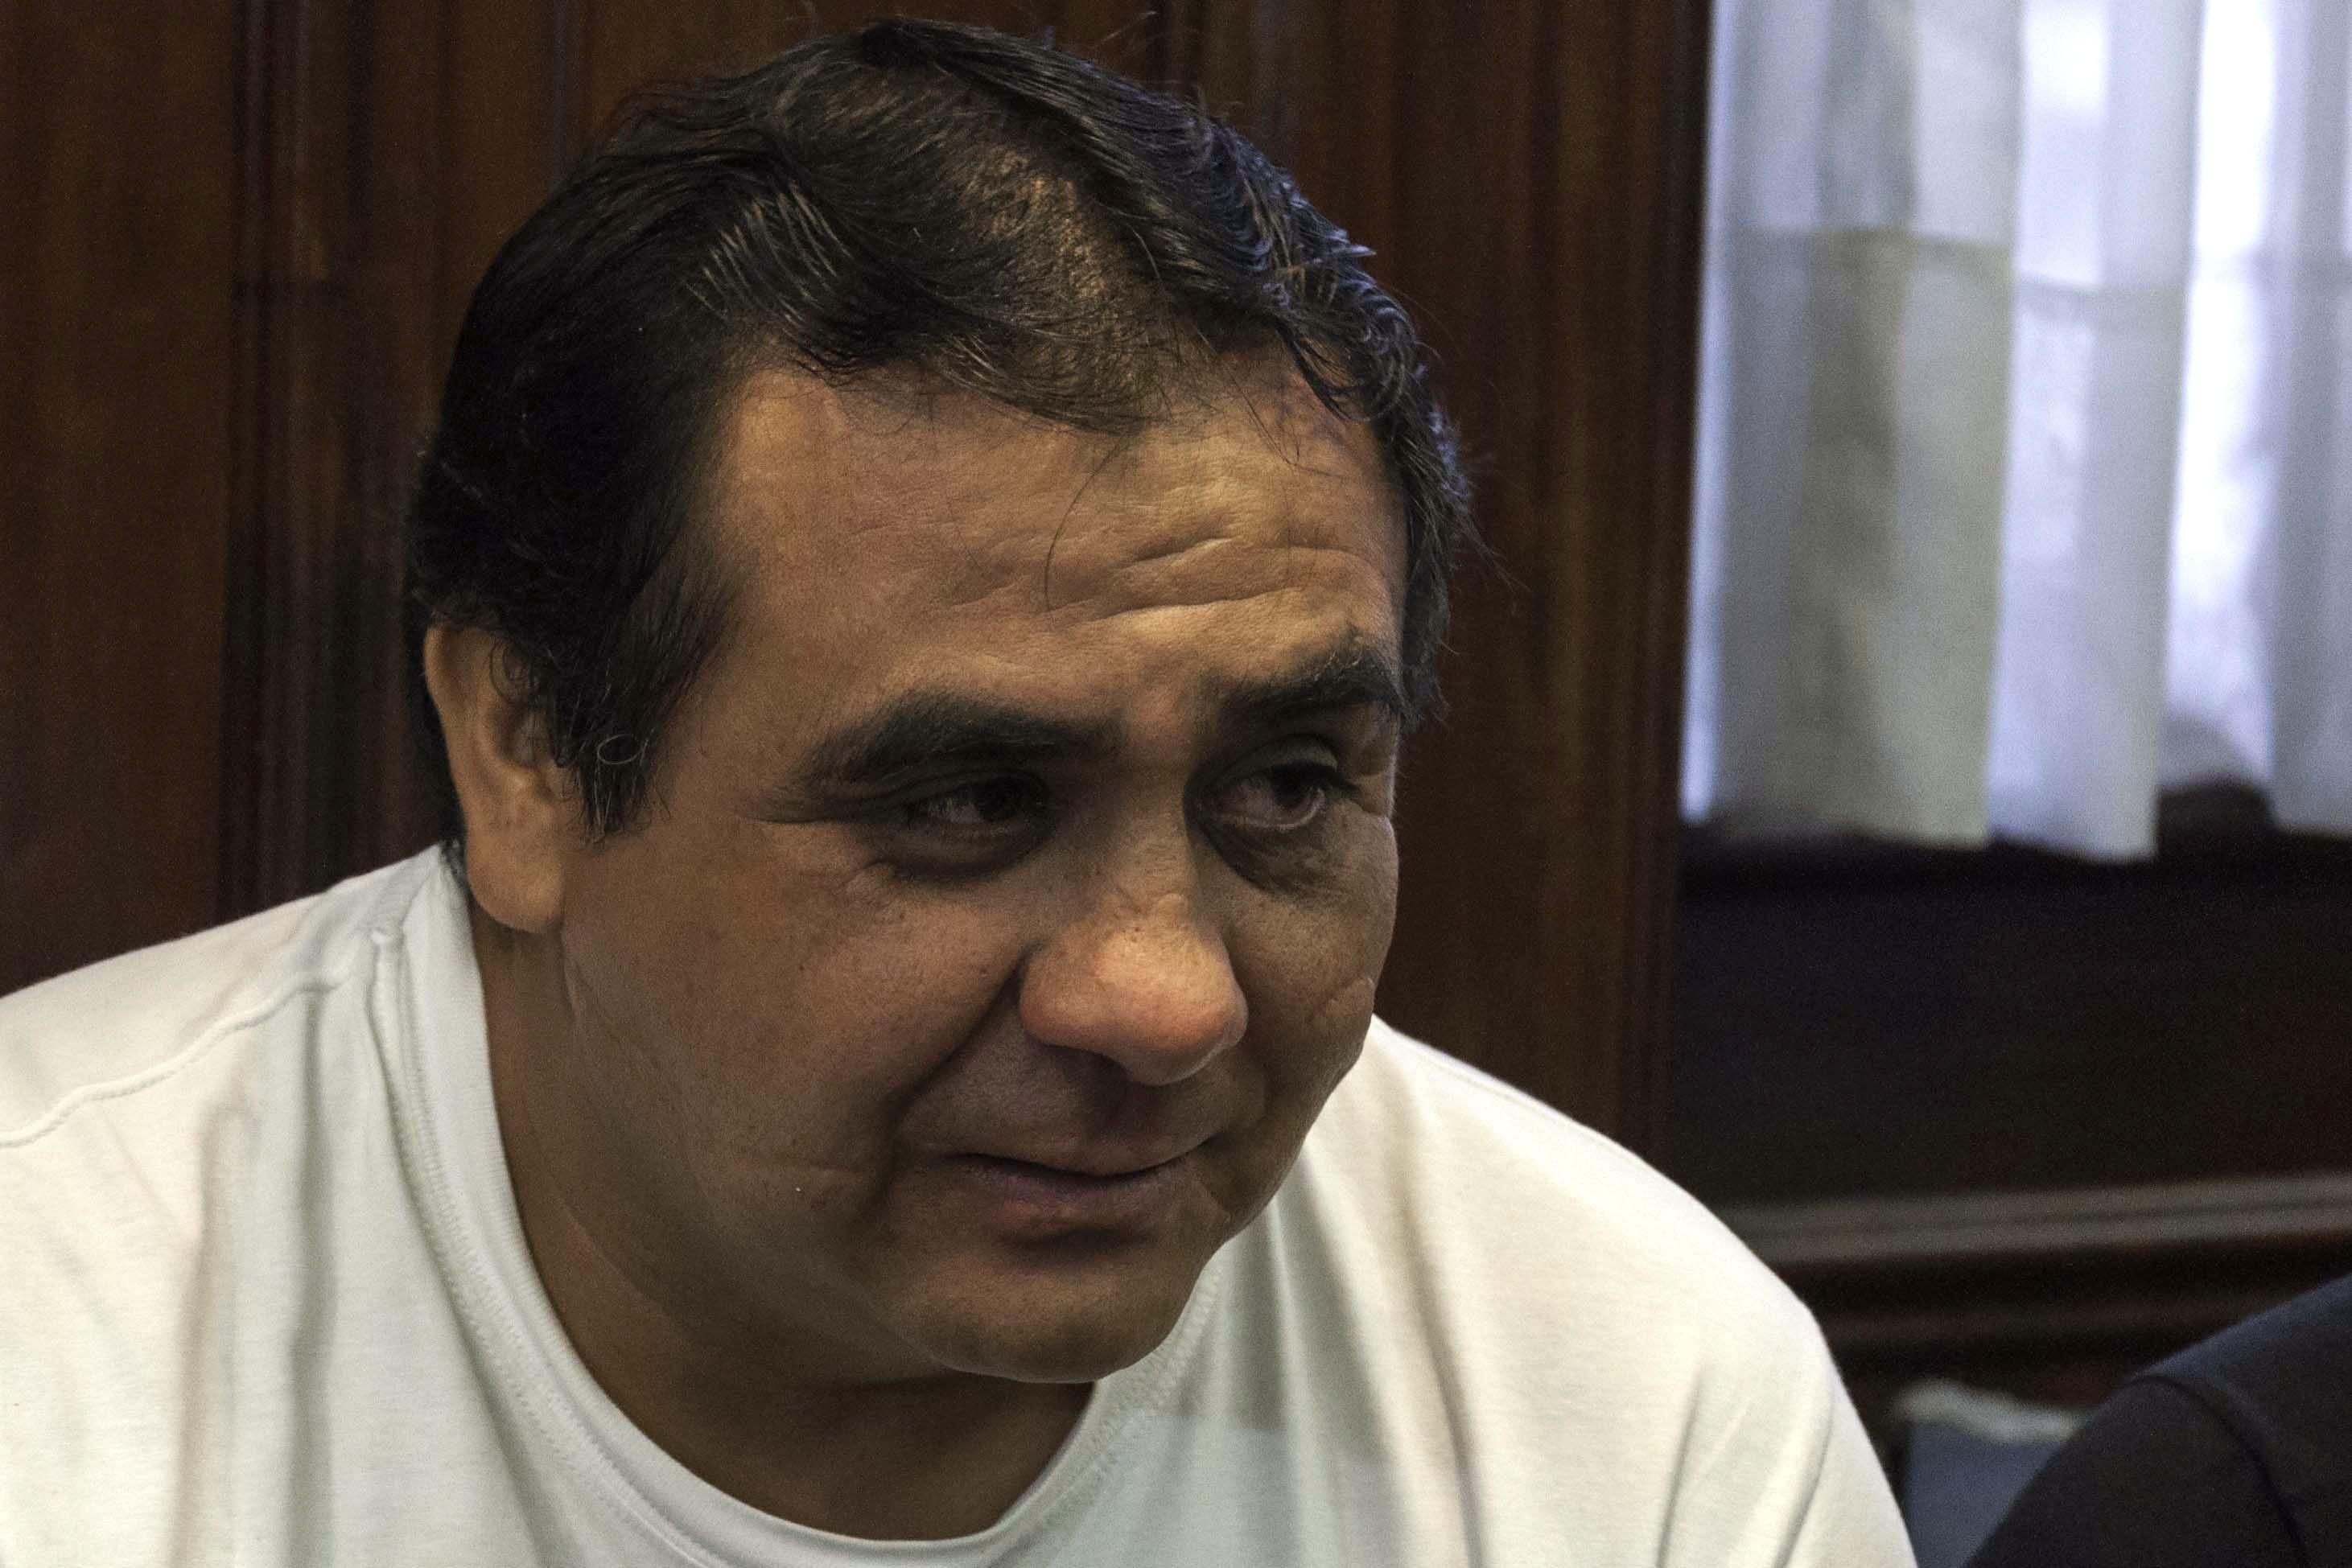 Condenas de entre 10 y 22 años por la desaparición de Marita Verón